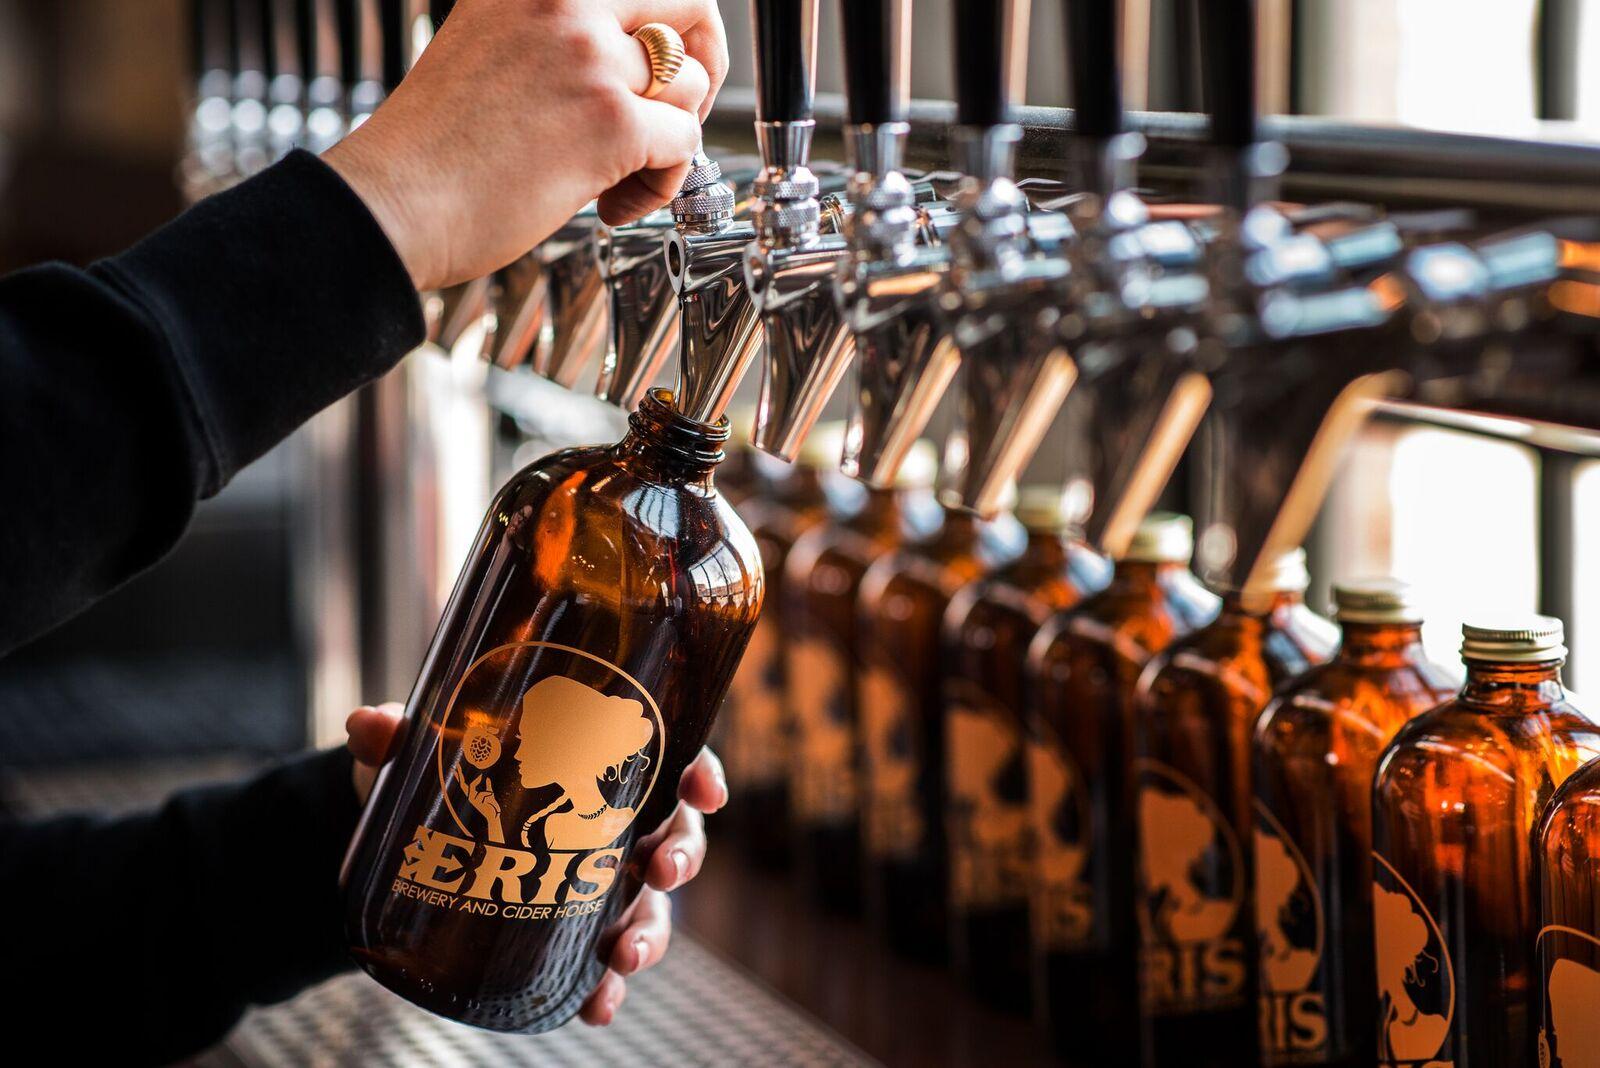 ERIS Brewery & Cider